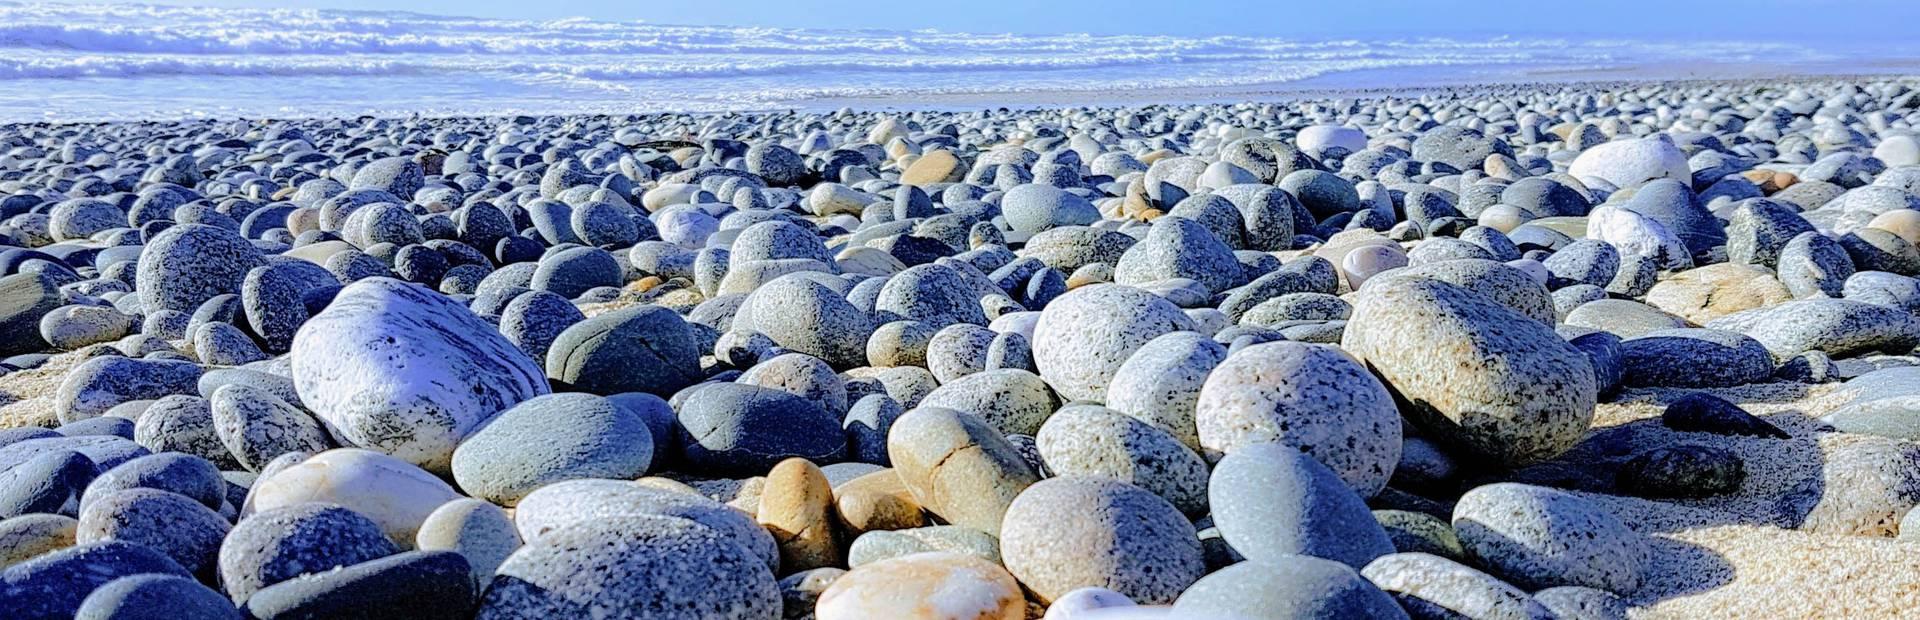 Se détendre en hiver - Baie d'Audierne - ©E. Cléret